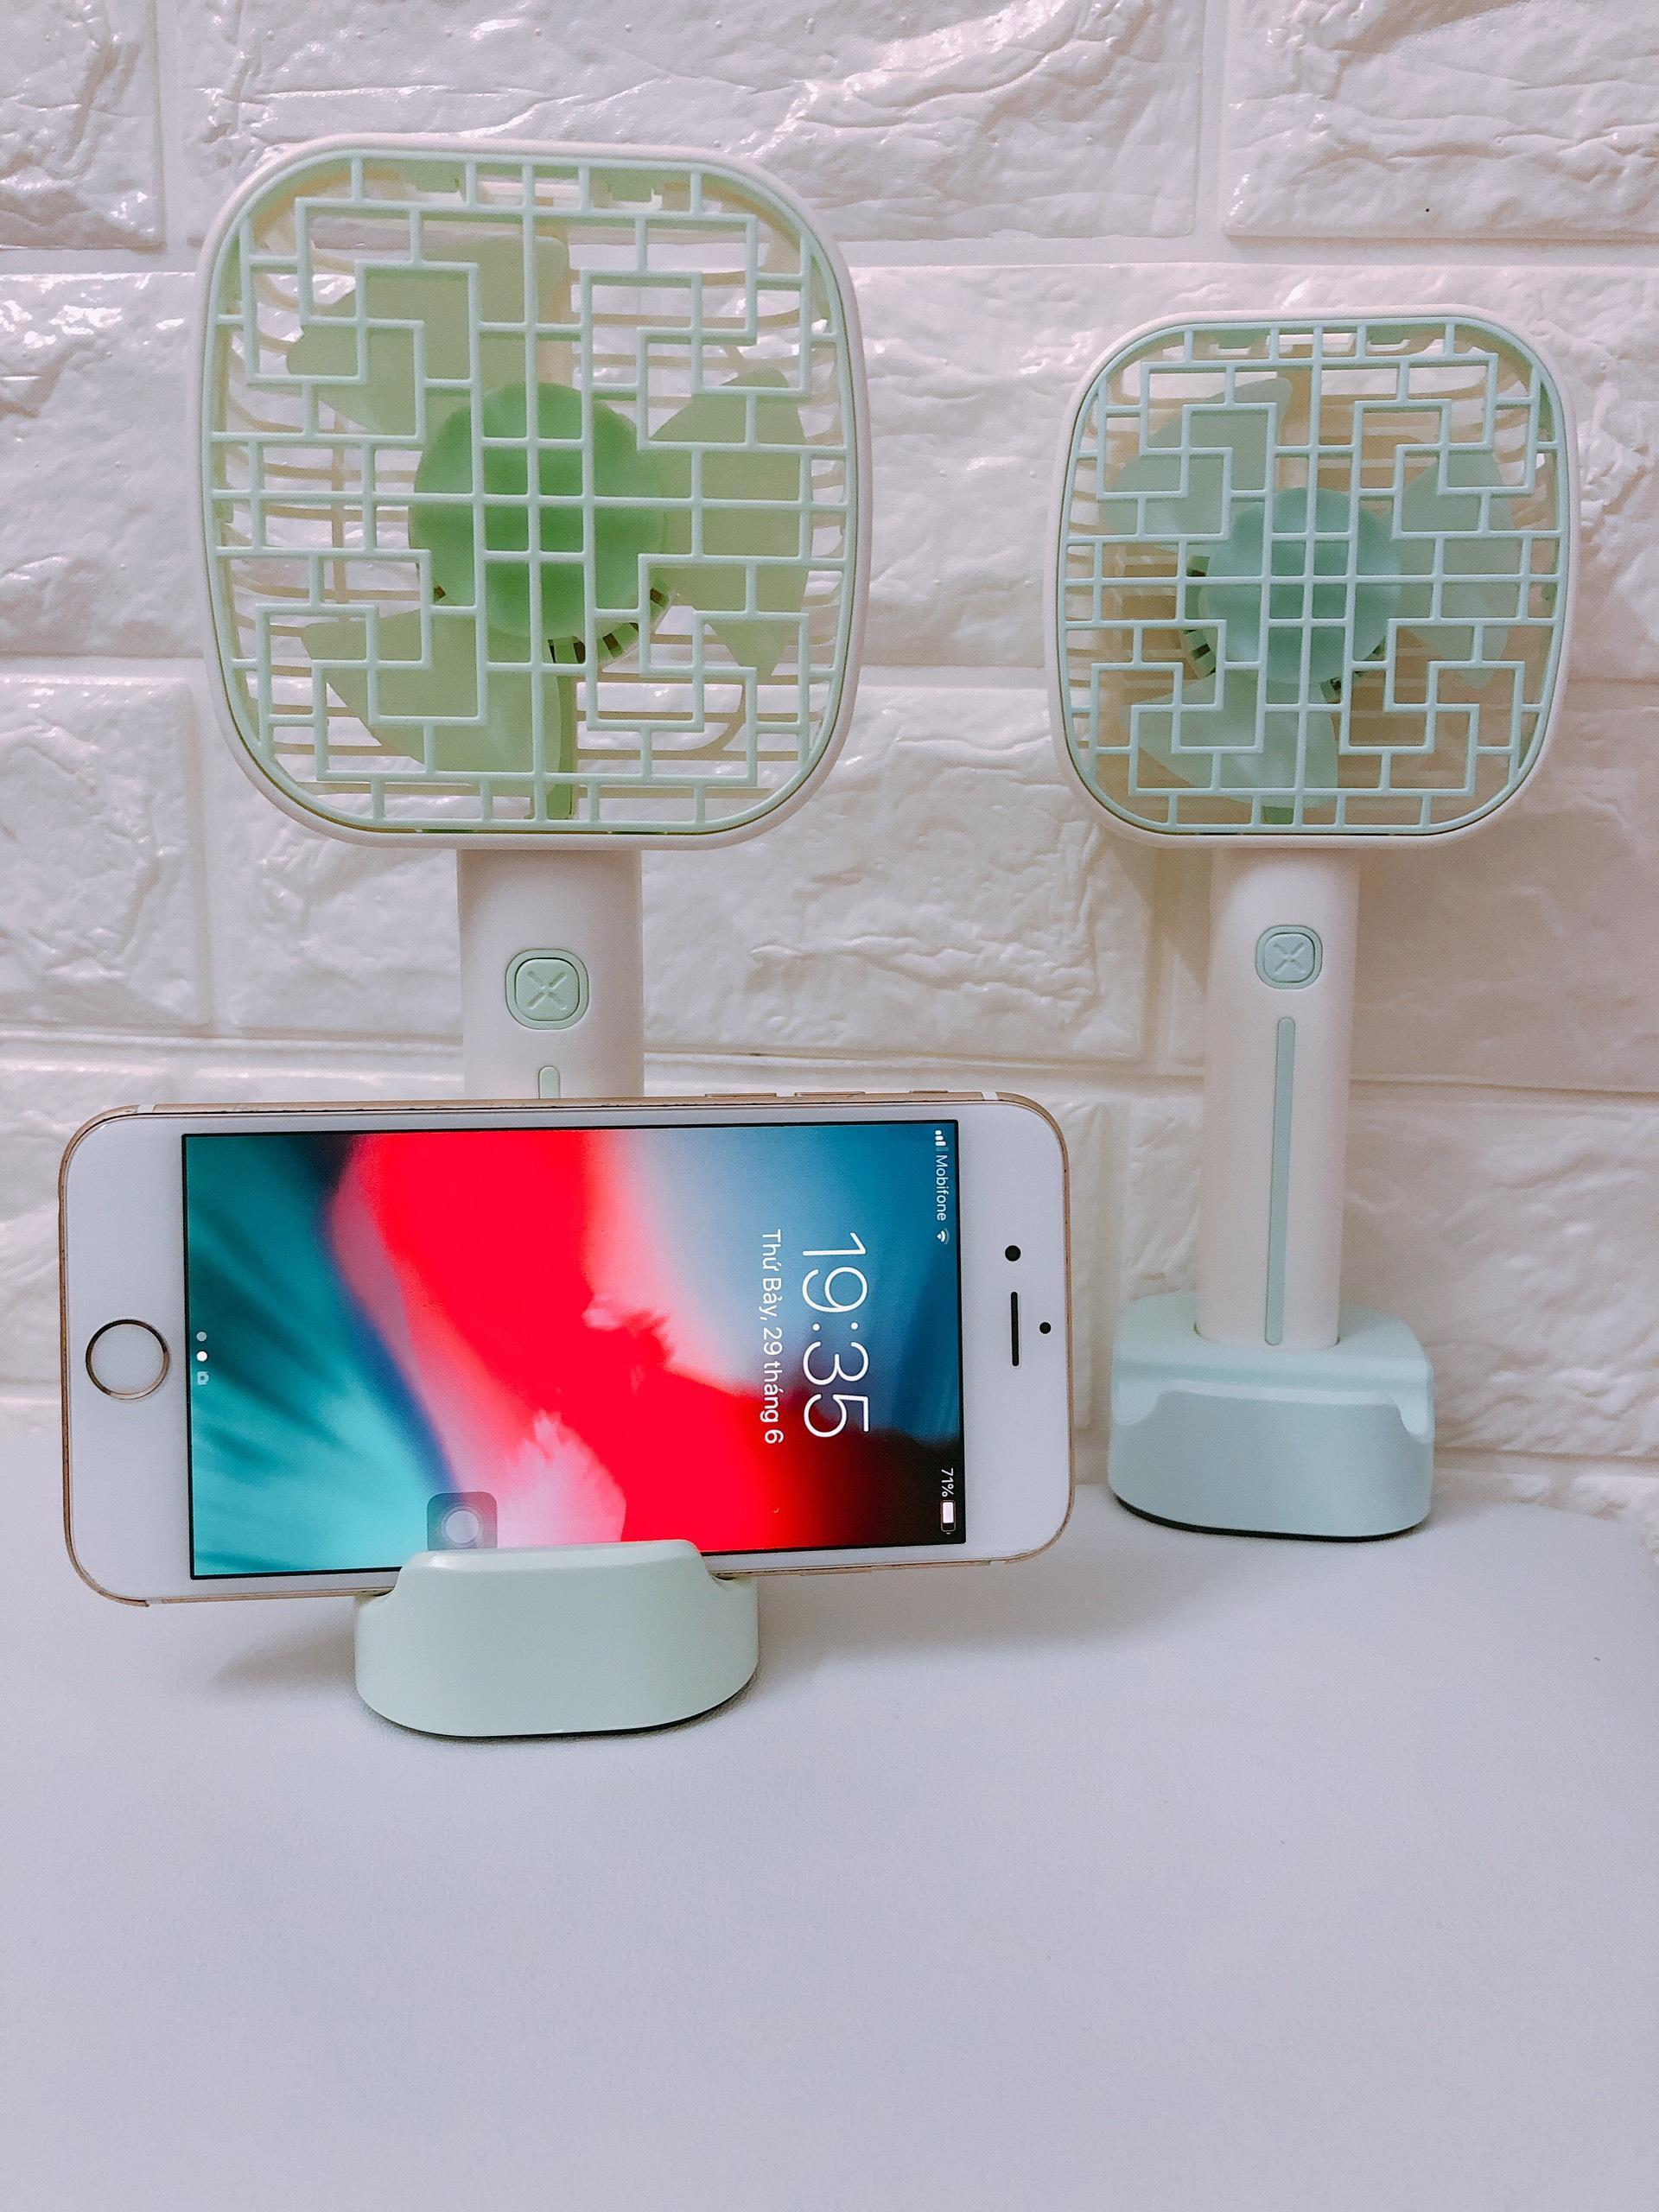 Quạt sạc tích điện cầm tay Q9 có đèn led và đế kẹp điện thoại tiện lợi